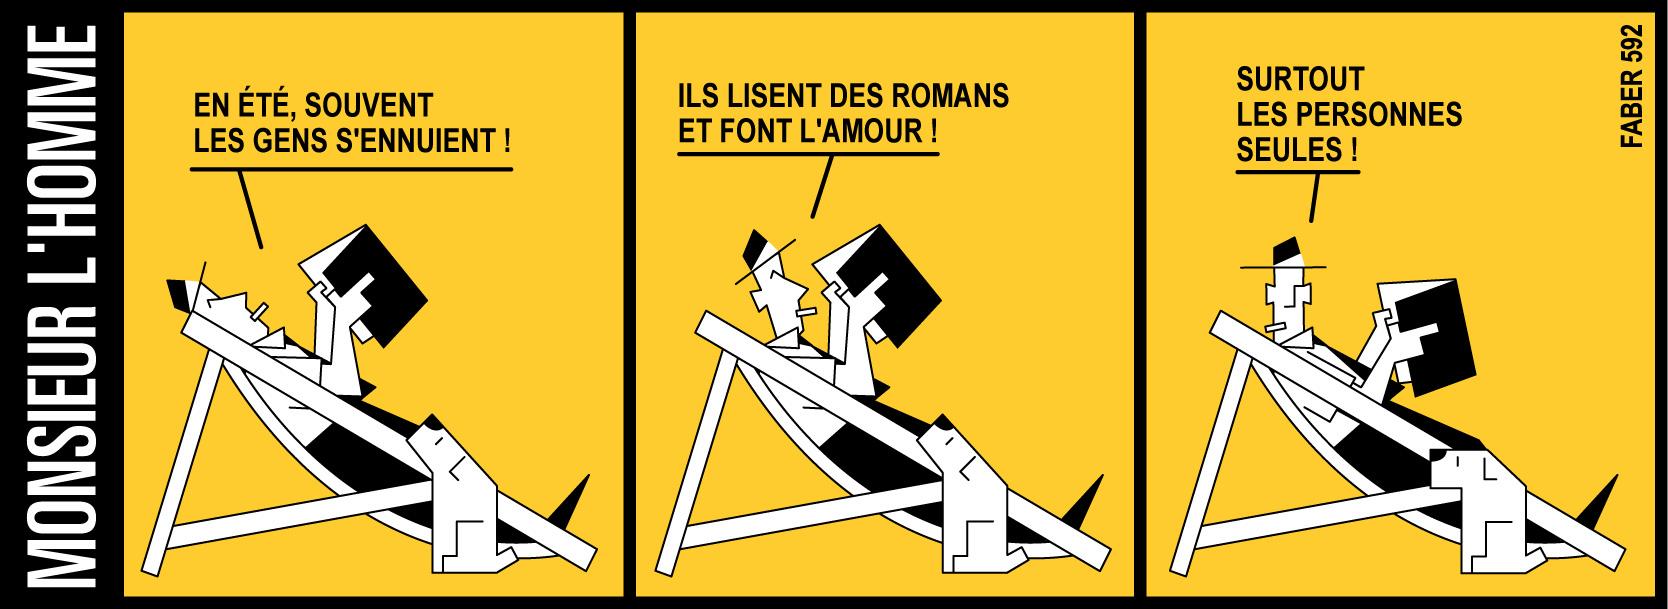 faire-amour-color.1217363709.jpg